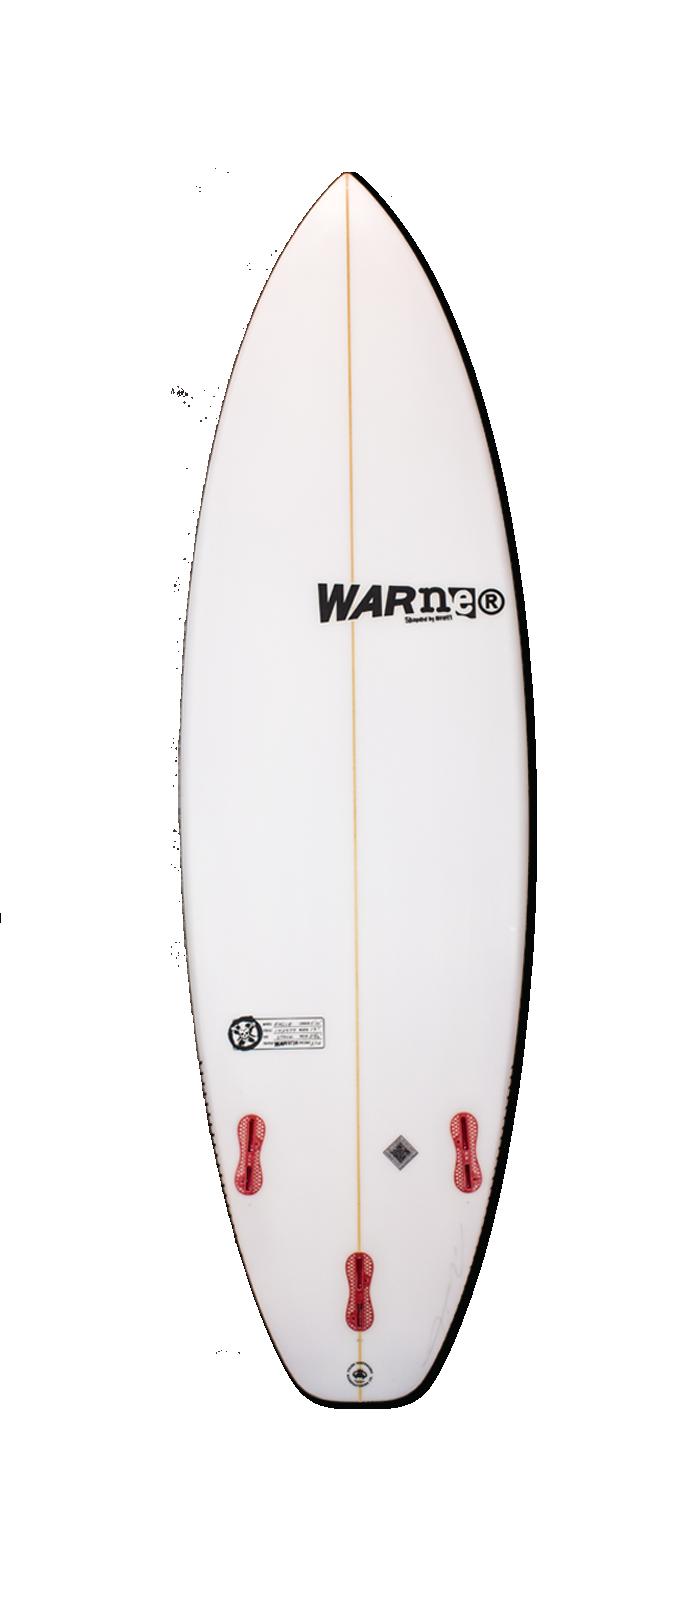 SEA EAGLE surfboard model bottom